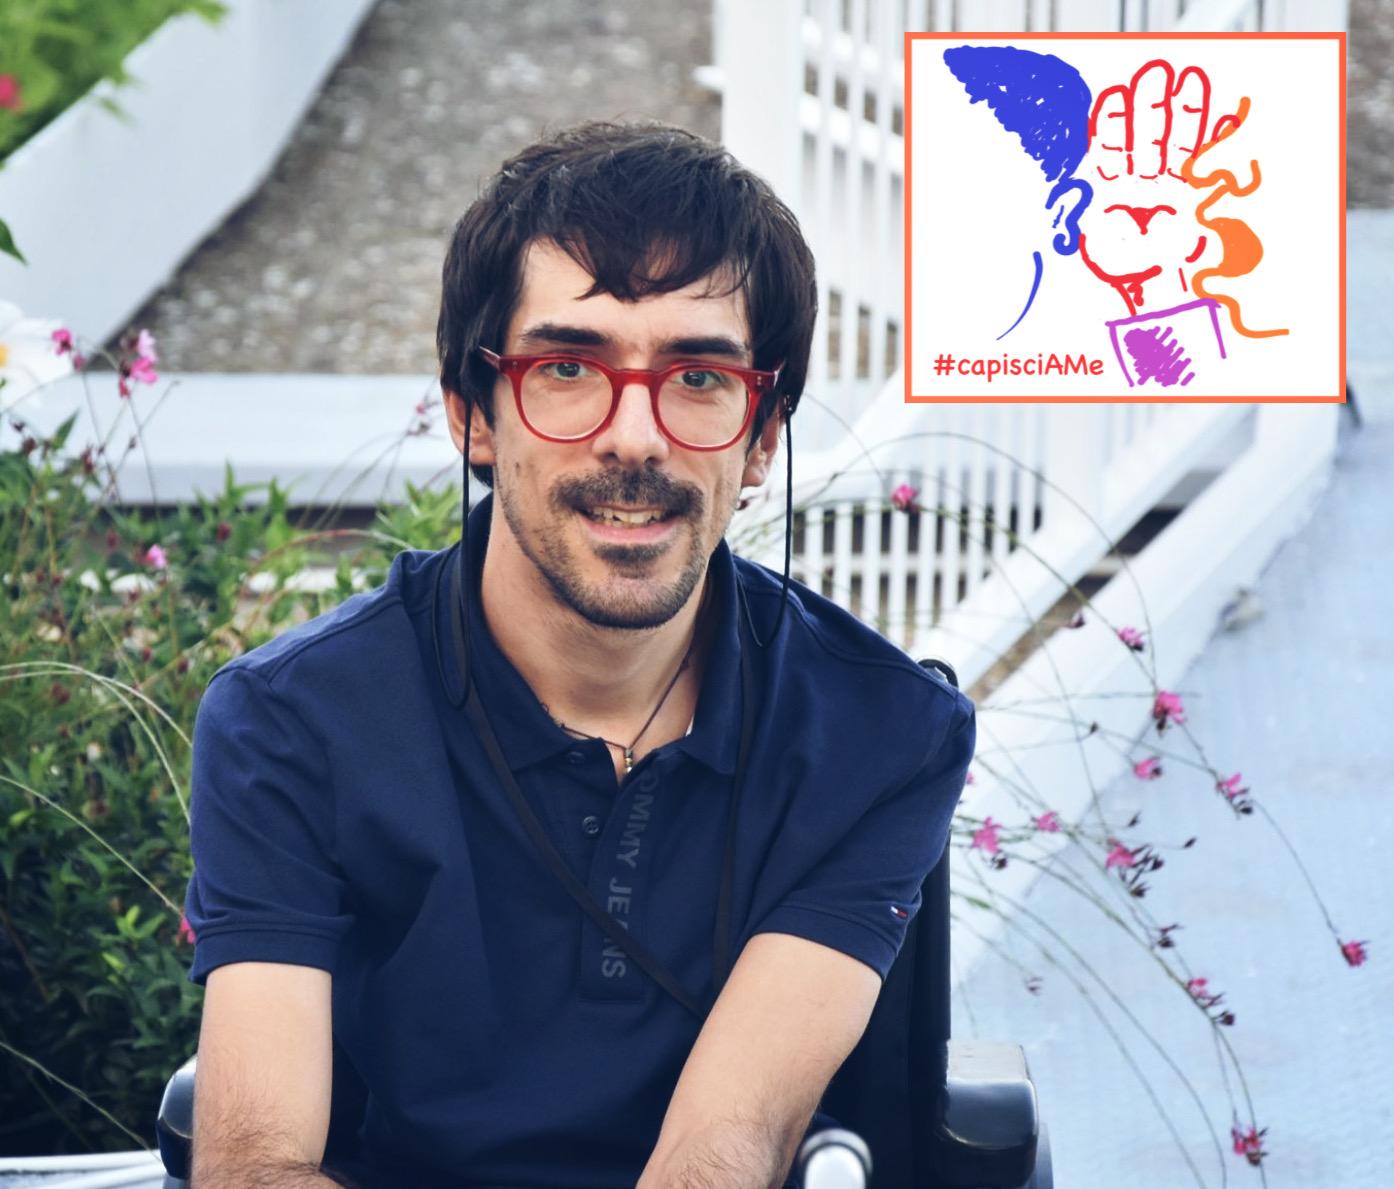 """""""CapisciAMe"""": una App gratuita pensata per chi soffre di disartria, da un'idea di Davide Mulfari - Featured image"""